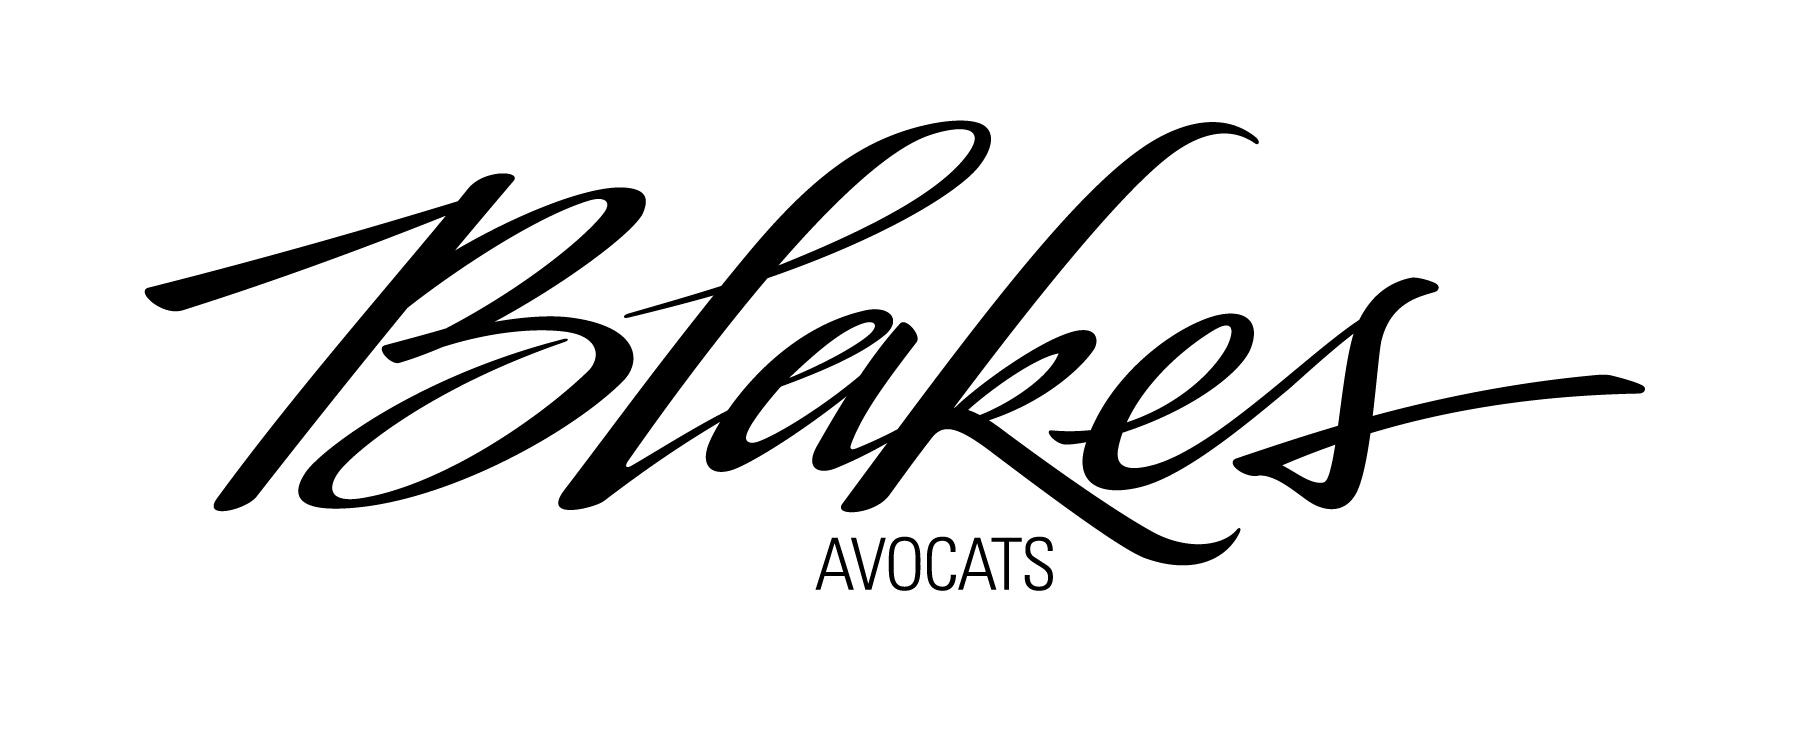 Un associé de Blakes nommé à la tête des Services juridiques du Bureau de la concurrence